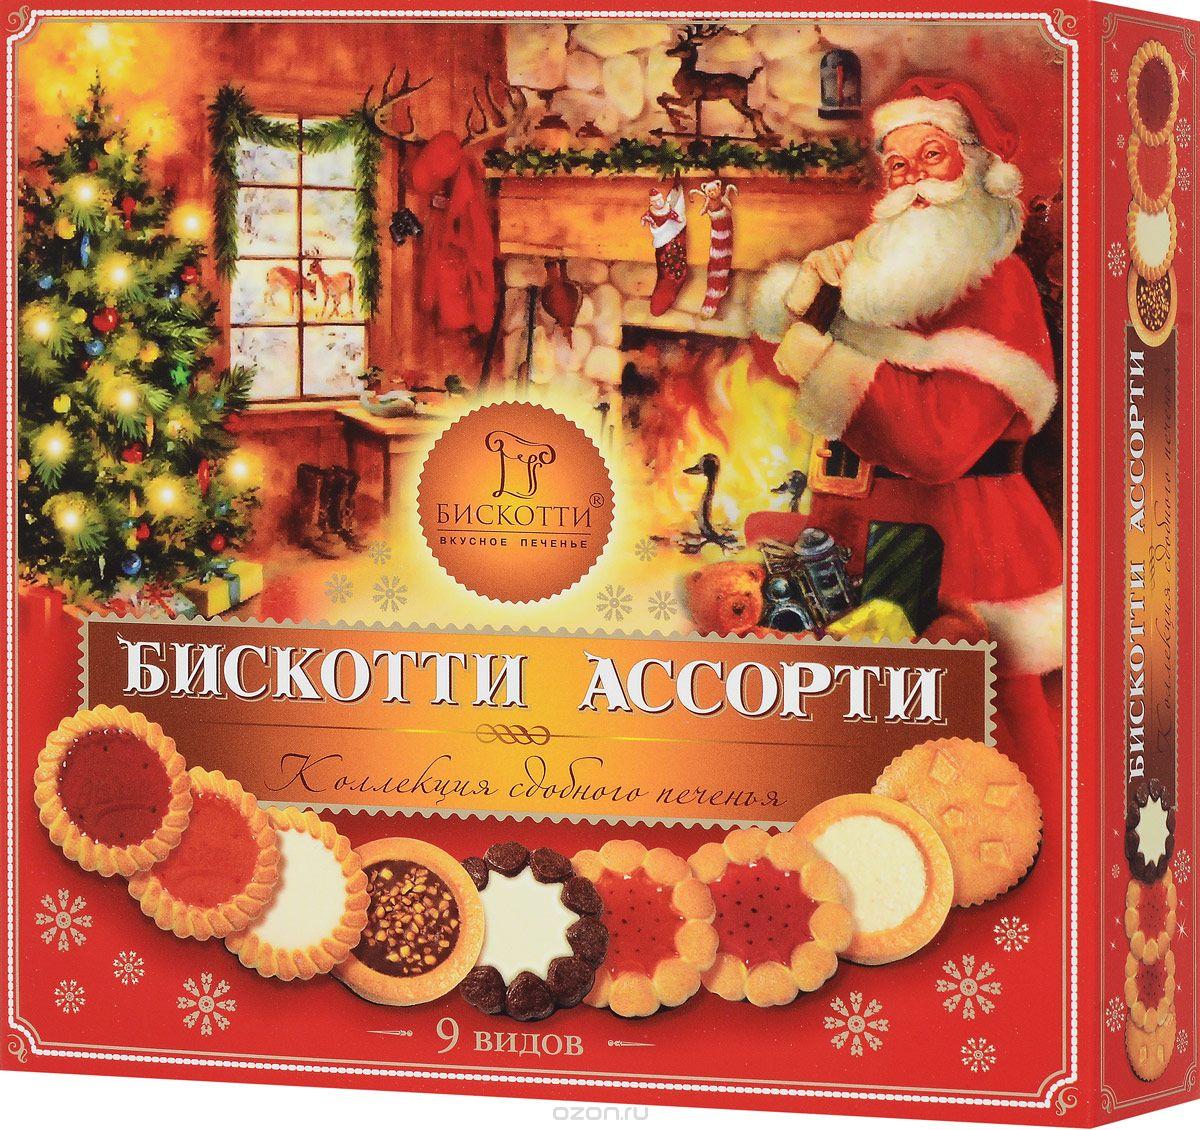 Бискотти Ассорти печенье сдобное, 345 г sweeterella печенье американер ассорти 400 г